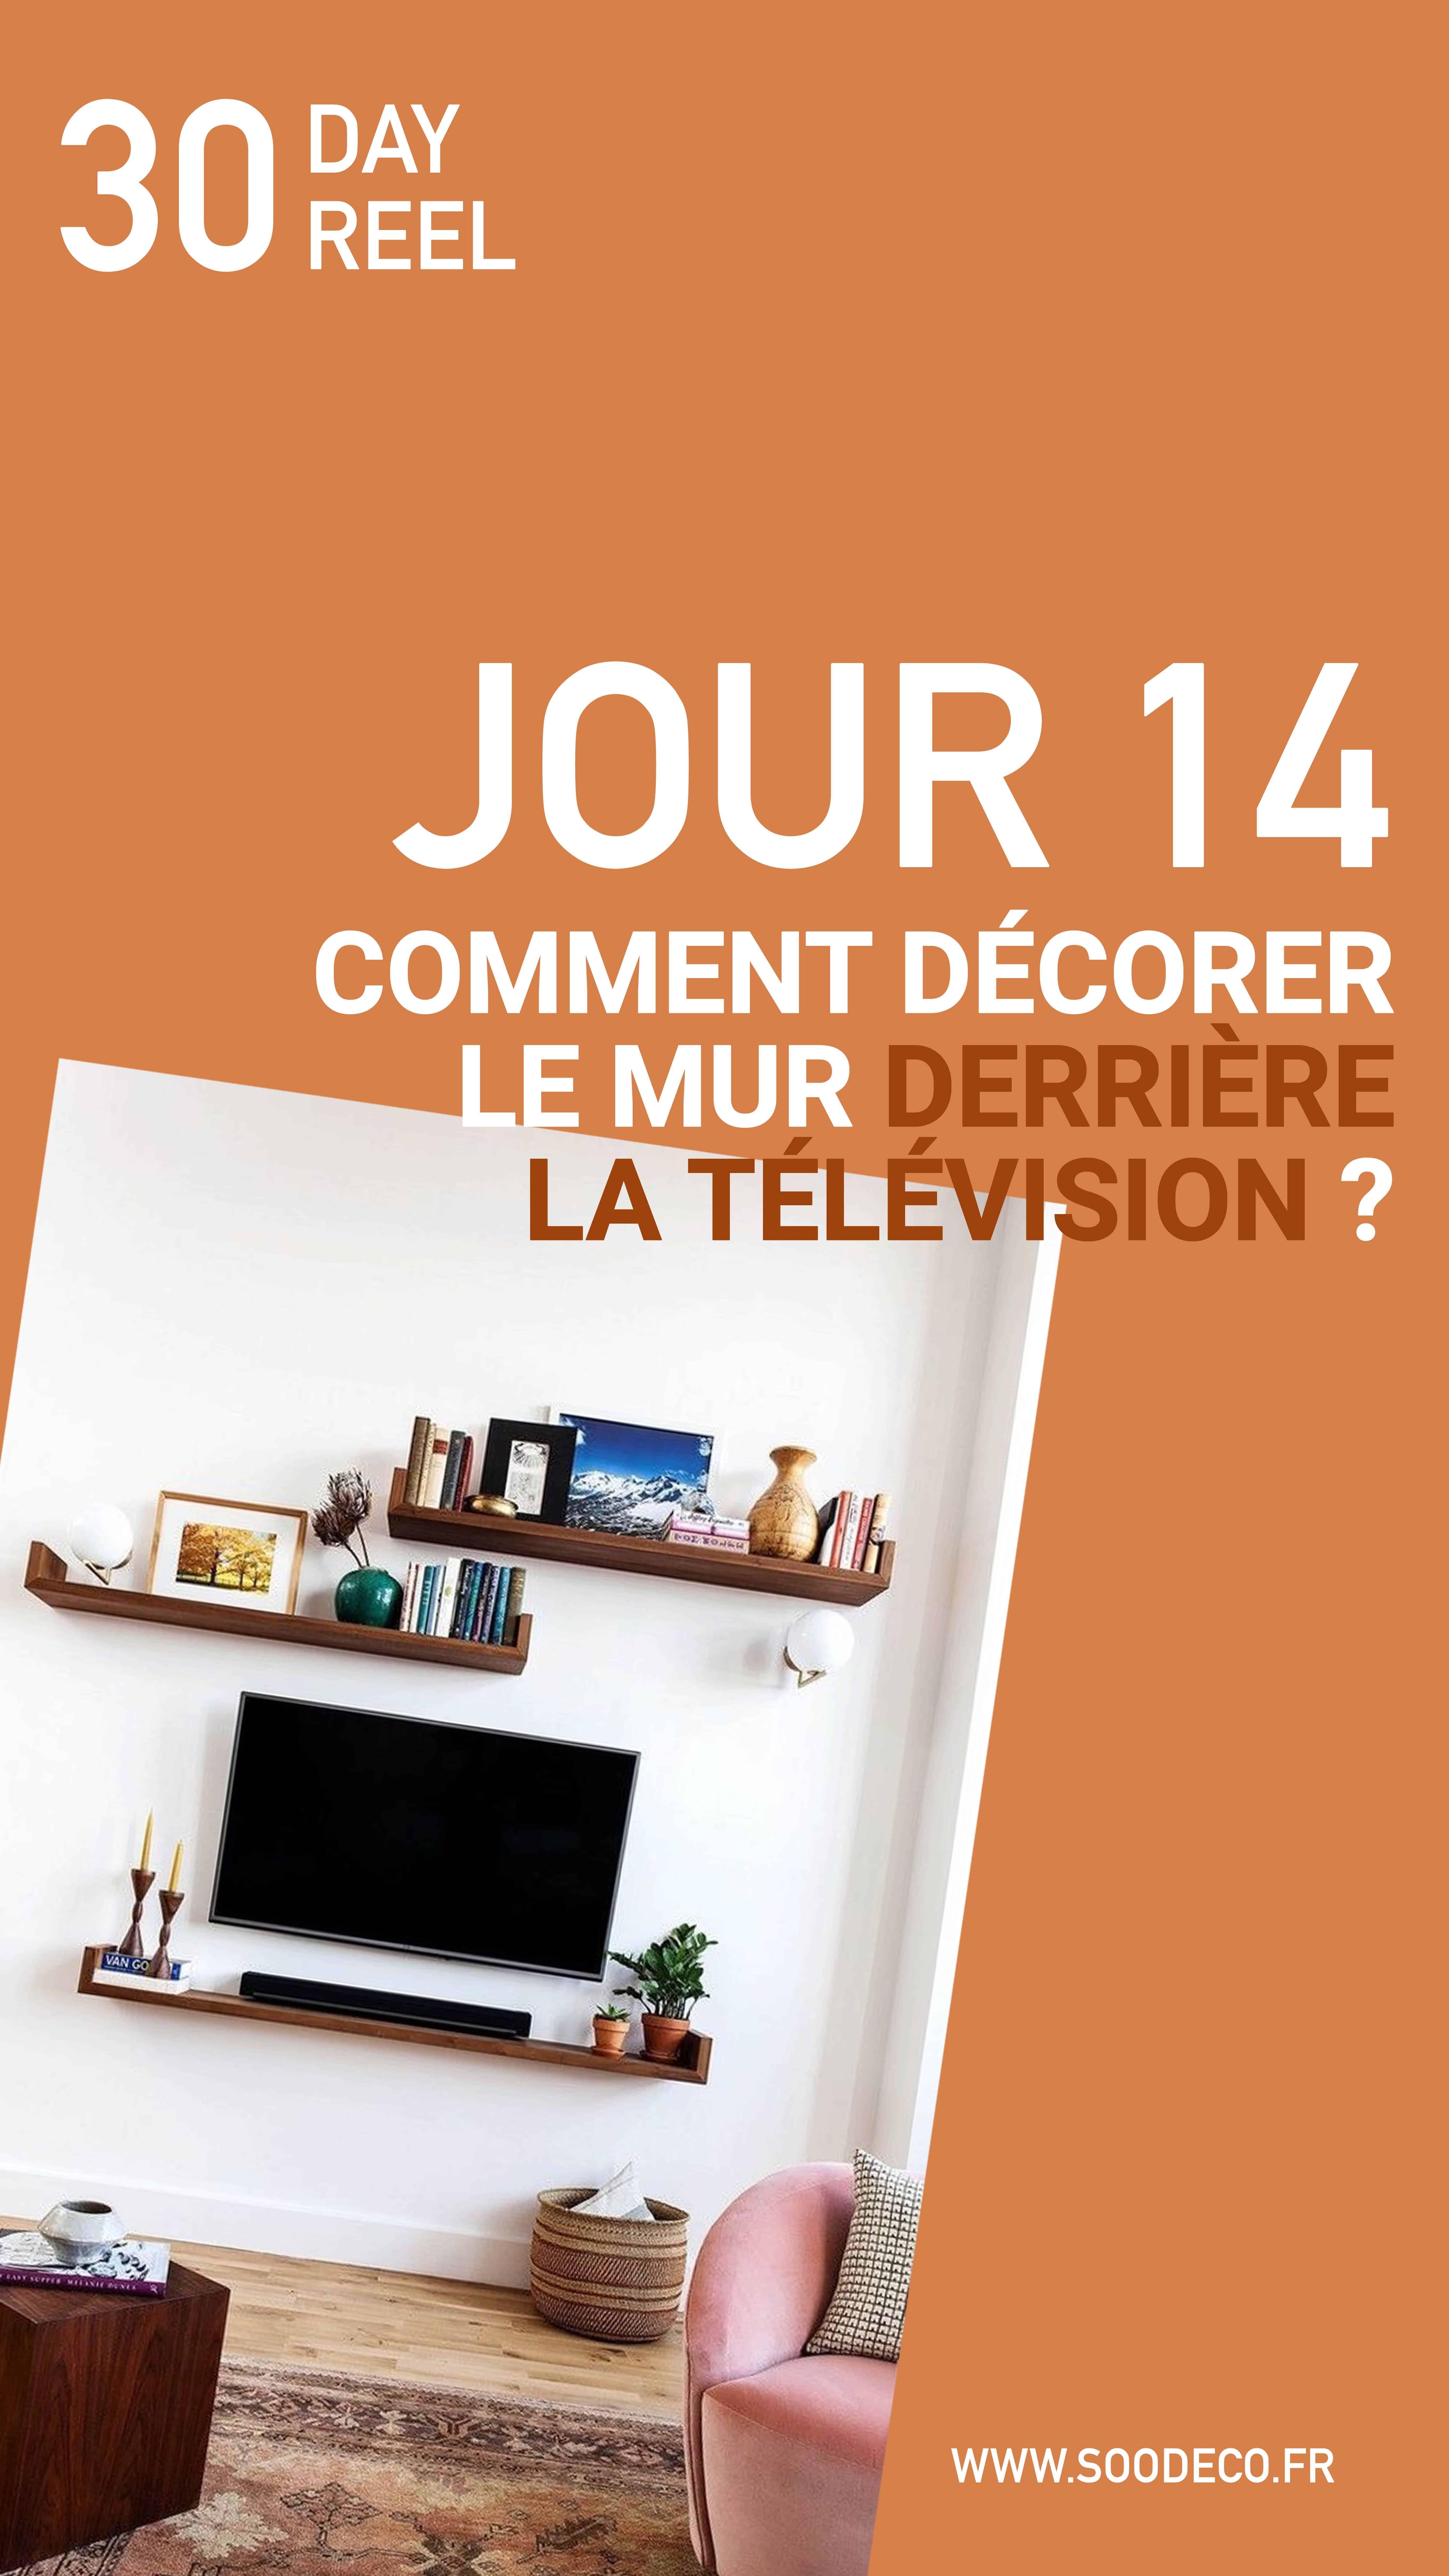 Comment décorer le mur derrière la télévision ?